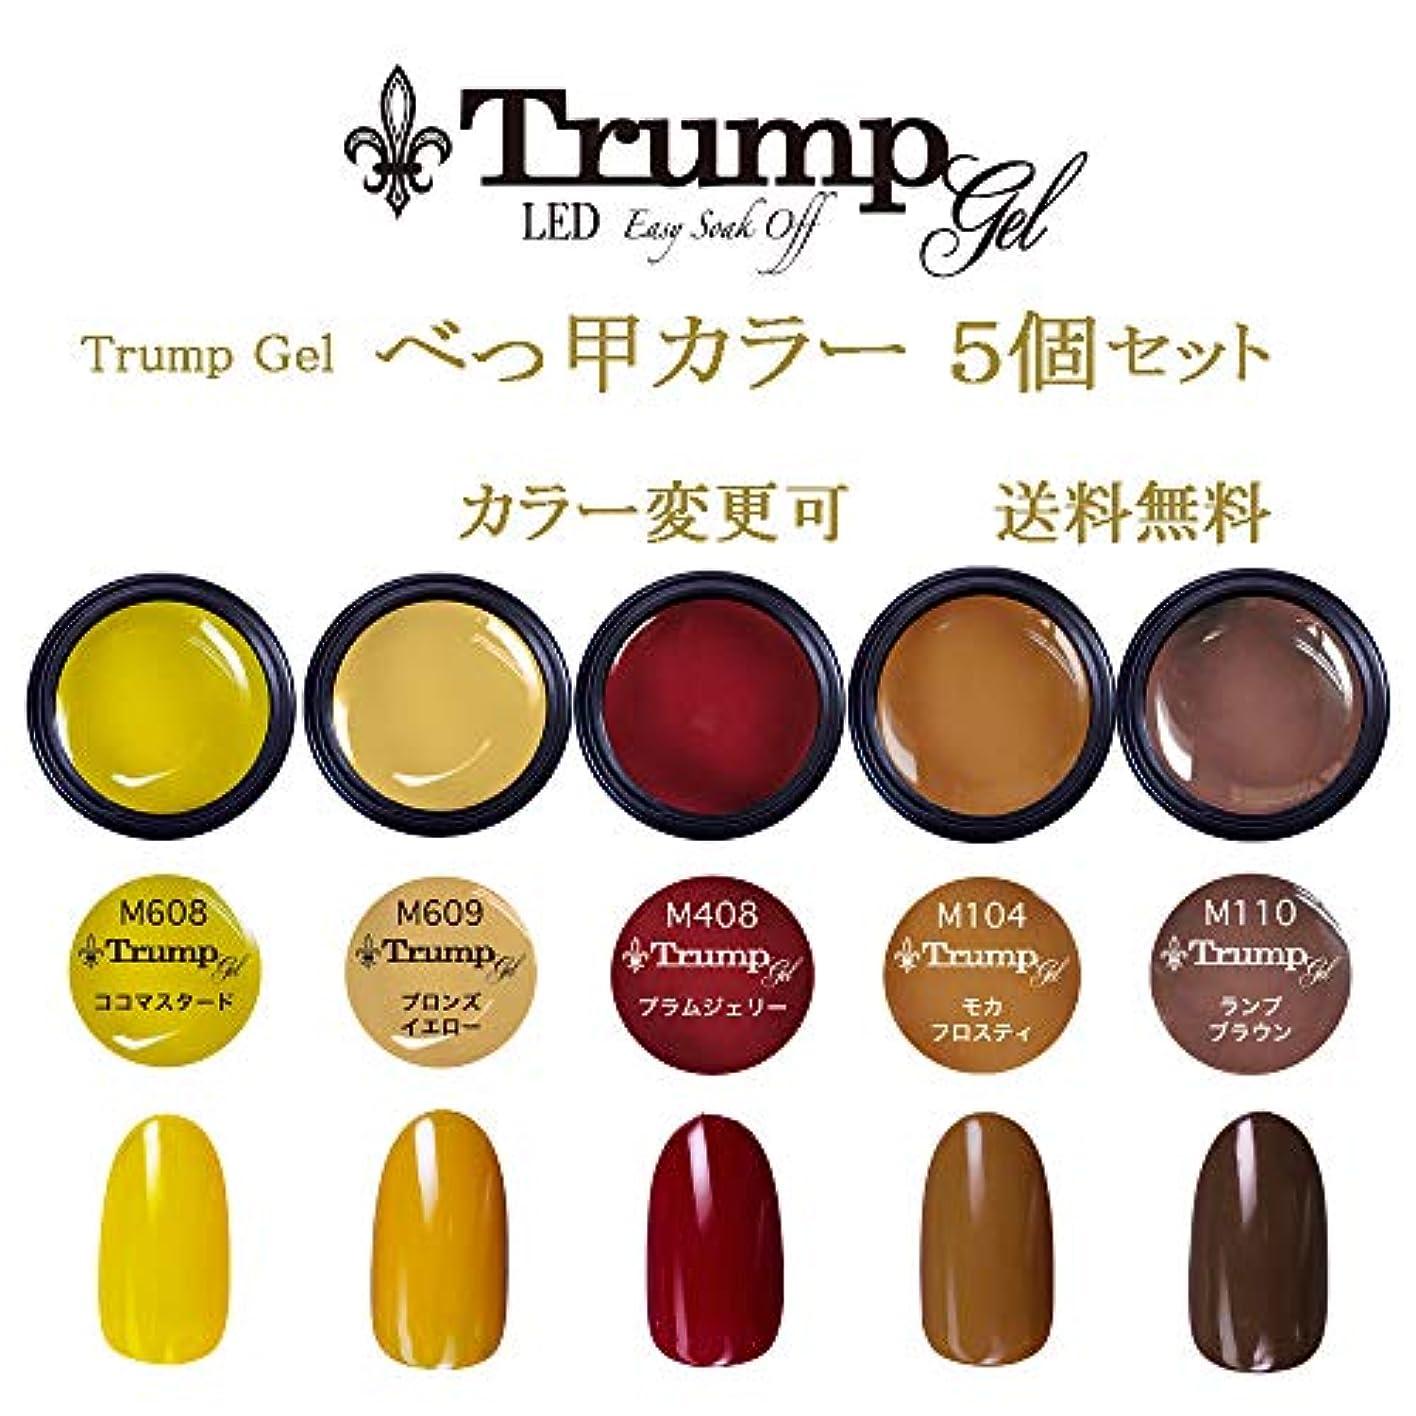 独創的文料理をする【送料無料】日本製 Trump gel トランプジェル べっ甲カラー ブラウン系 選べる カラージェル 5個セット べっ甲ネイル ベージュ ブラウン マスタード カラー